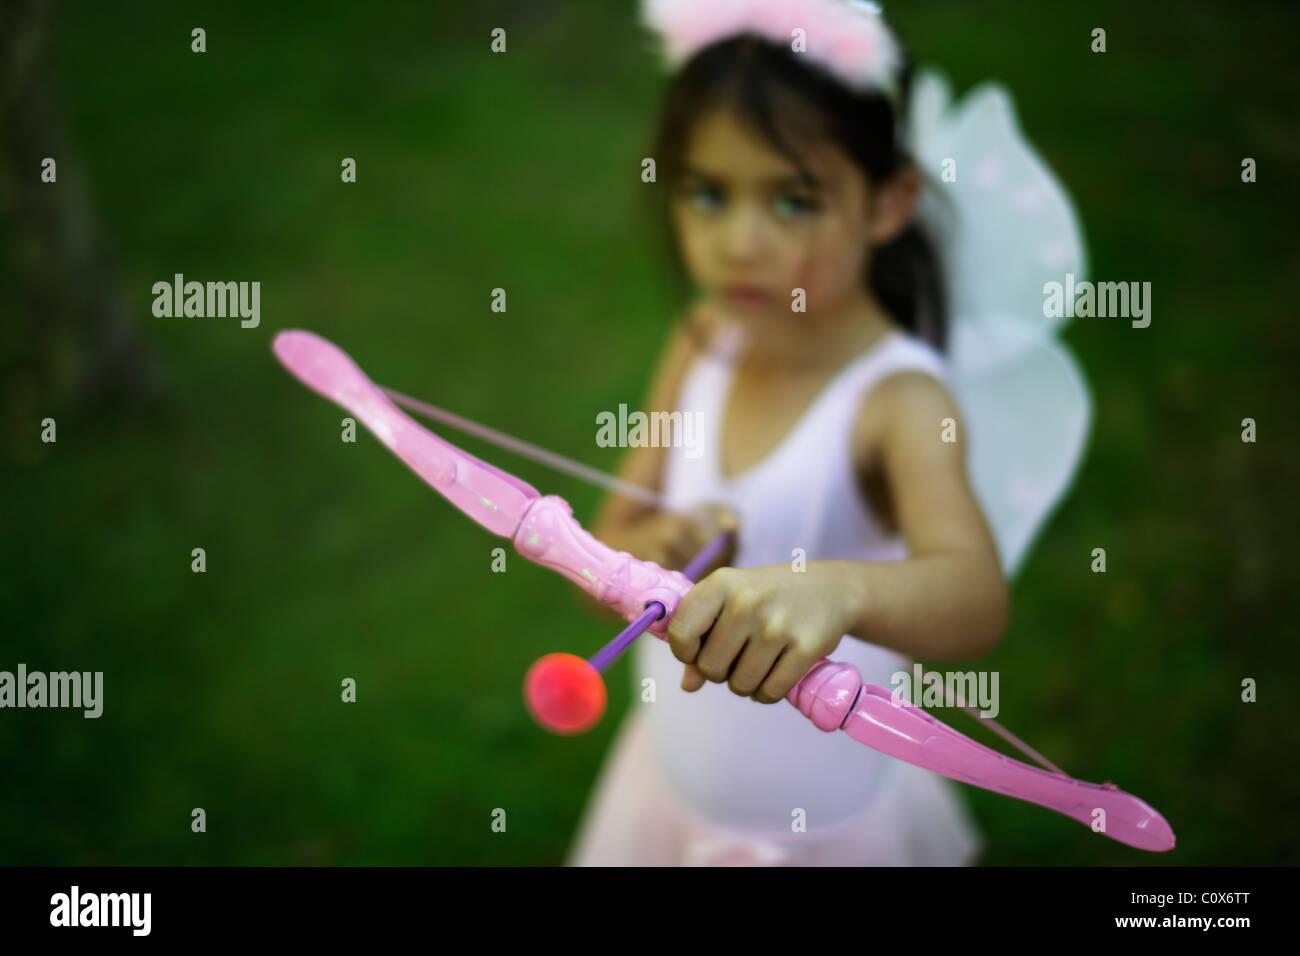 Petite fille de cinq ans girl in fairy costume rose avec arc et flèche Photo Stock